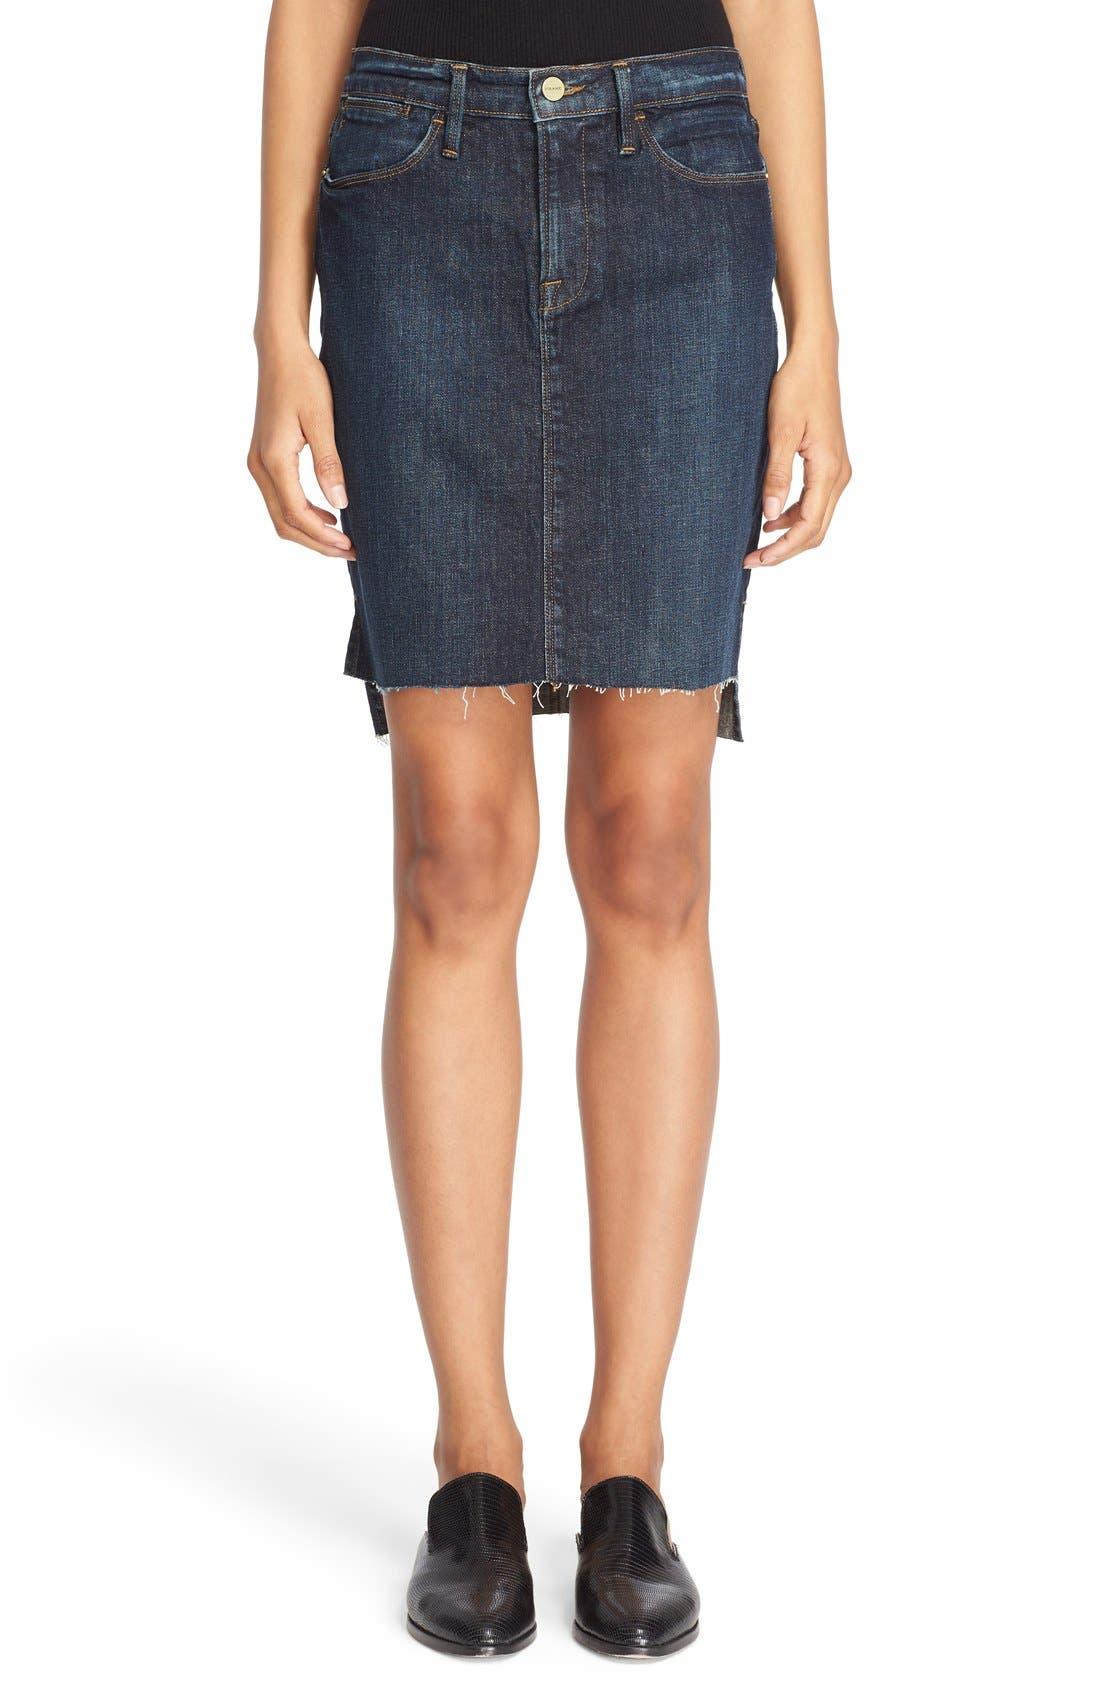 Alternate Image 1 Selected - FRAME High Rise Denim Miniskirt (Catamaran)